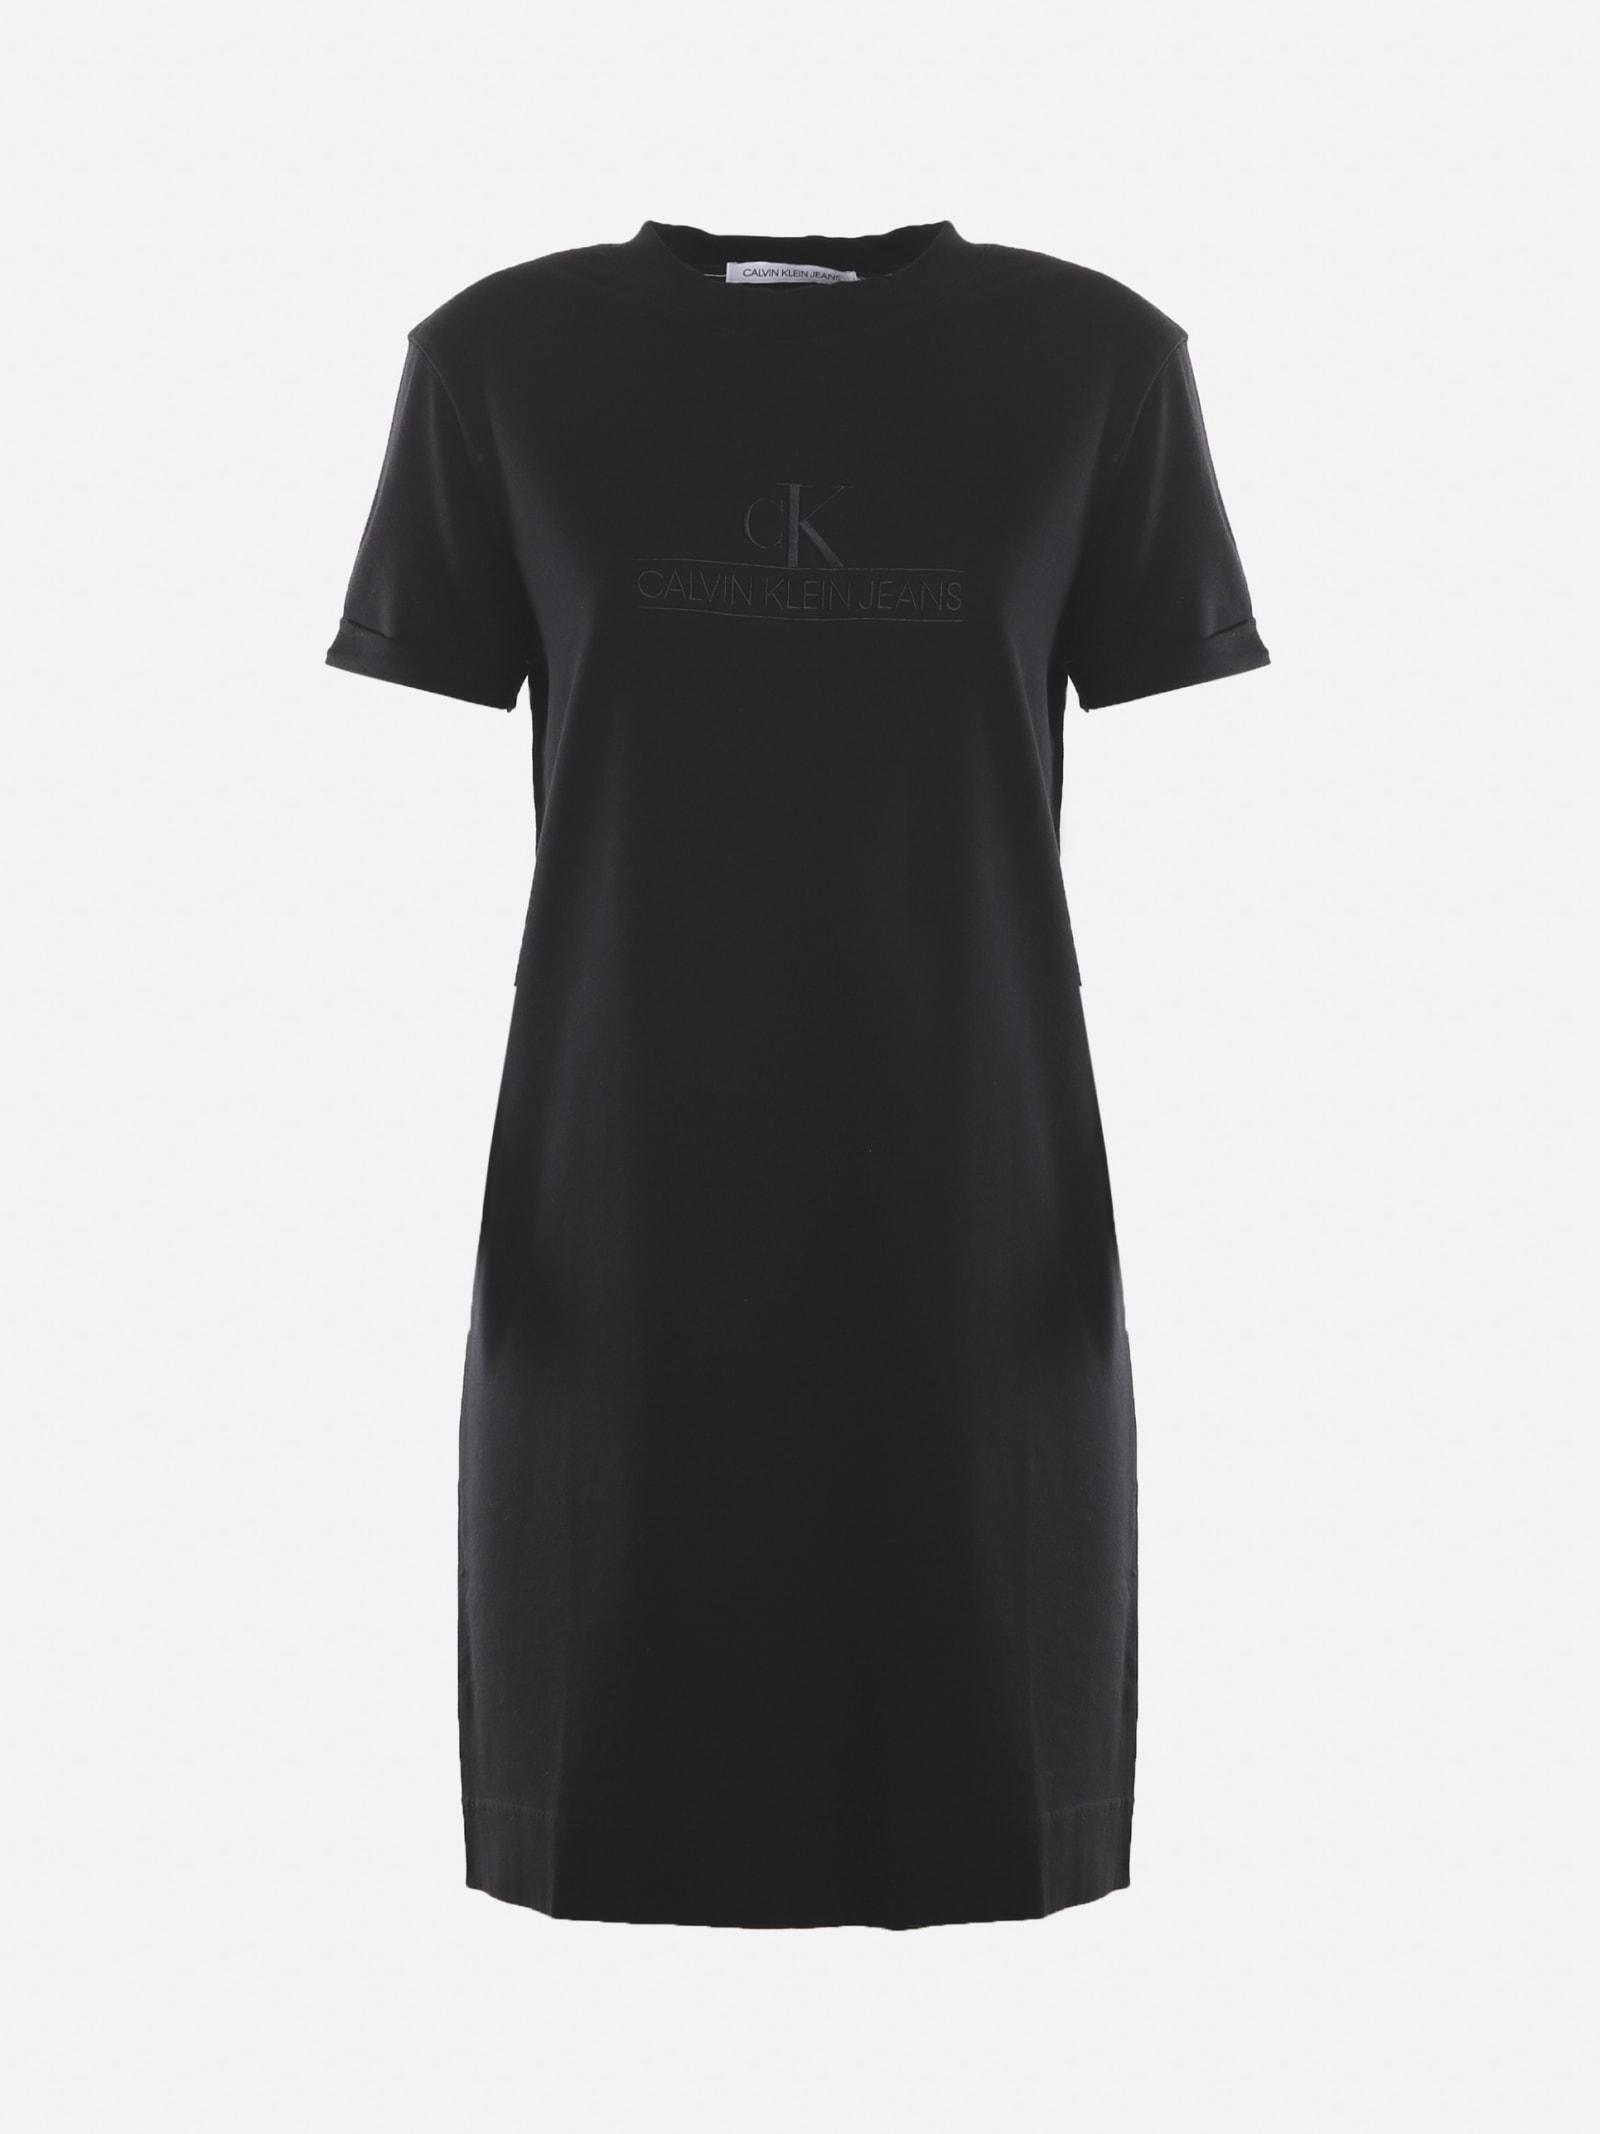 Calvin Klein Jeans Organic Cotton Dress With Tone-on-tone Logo Print